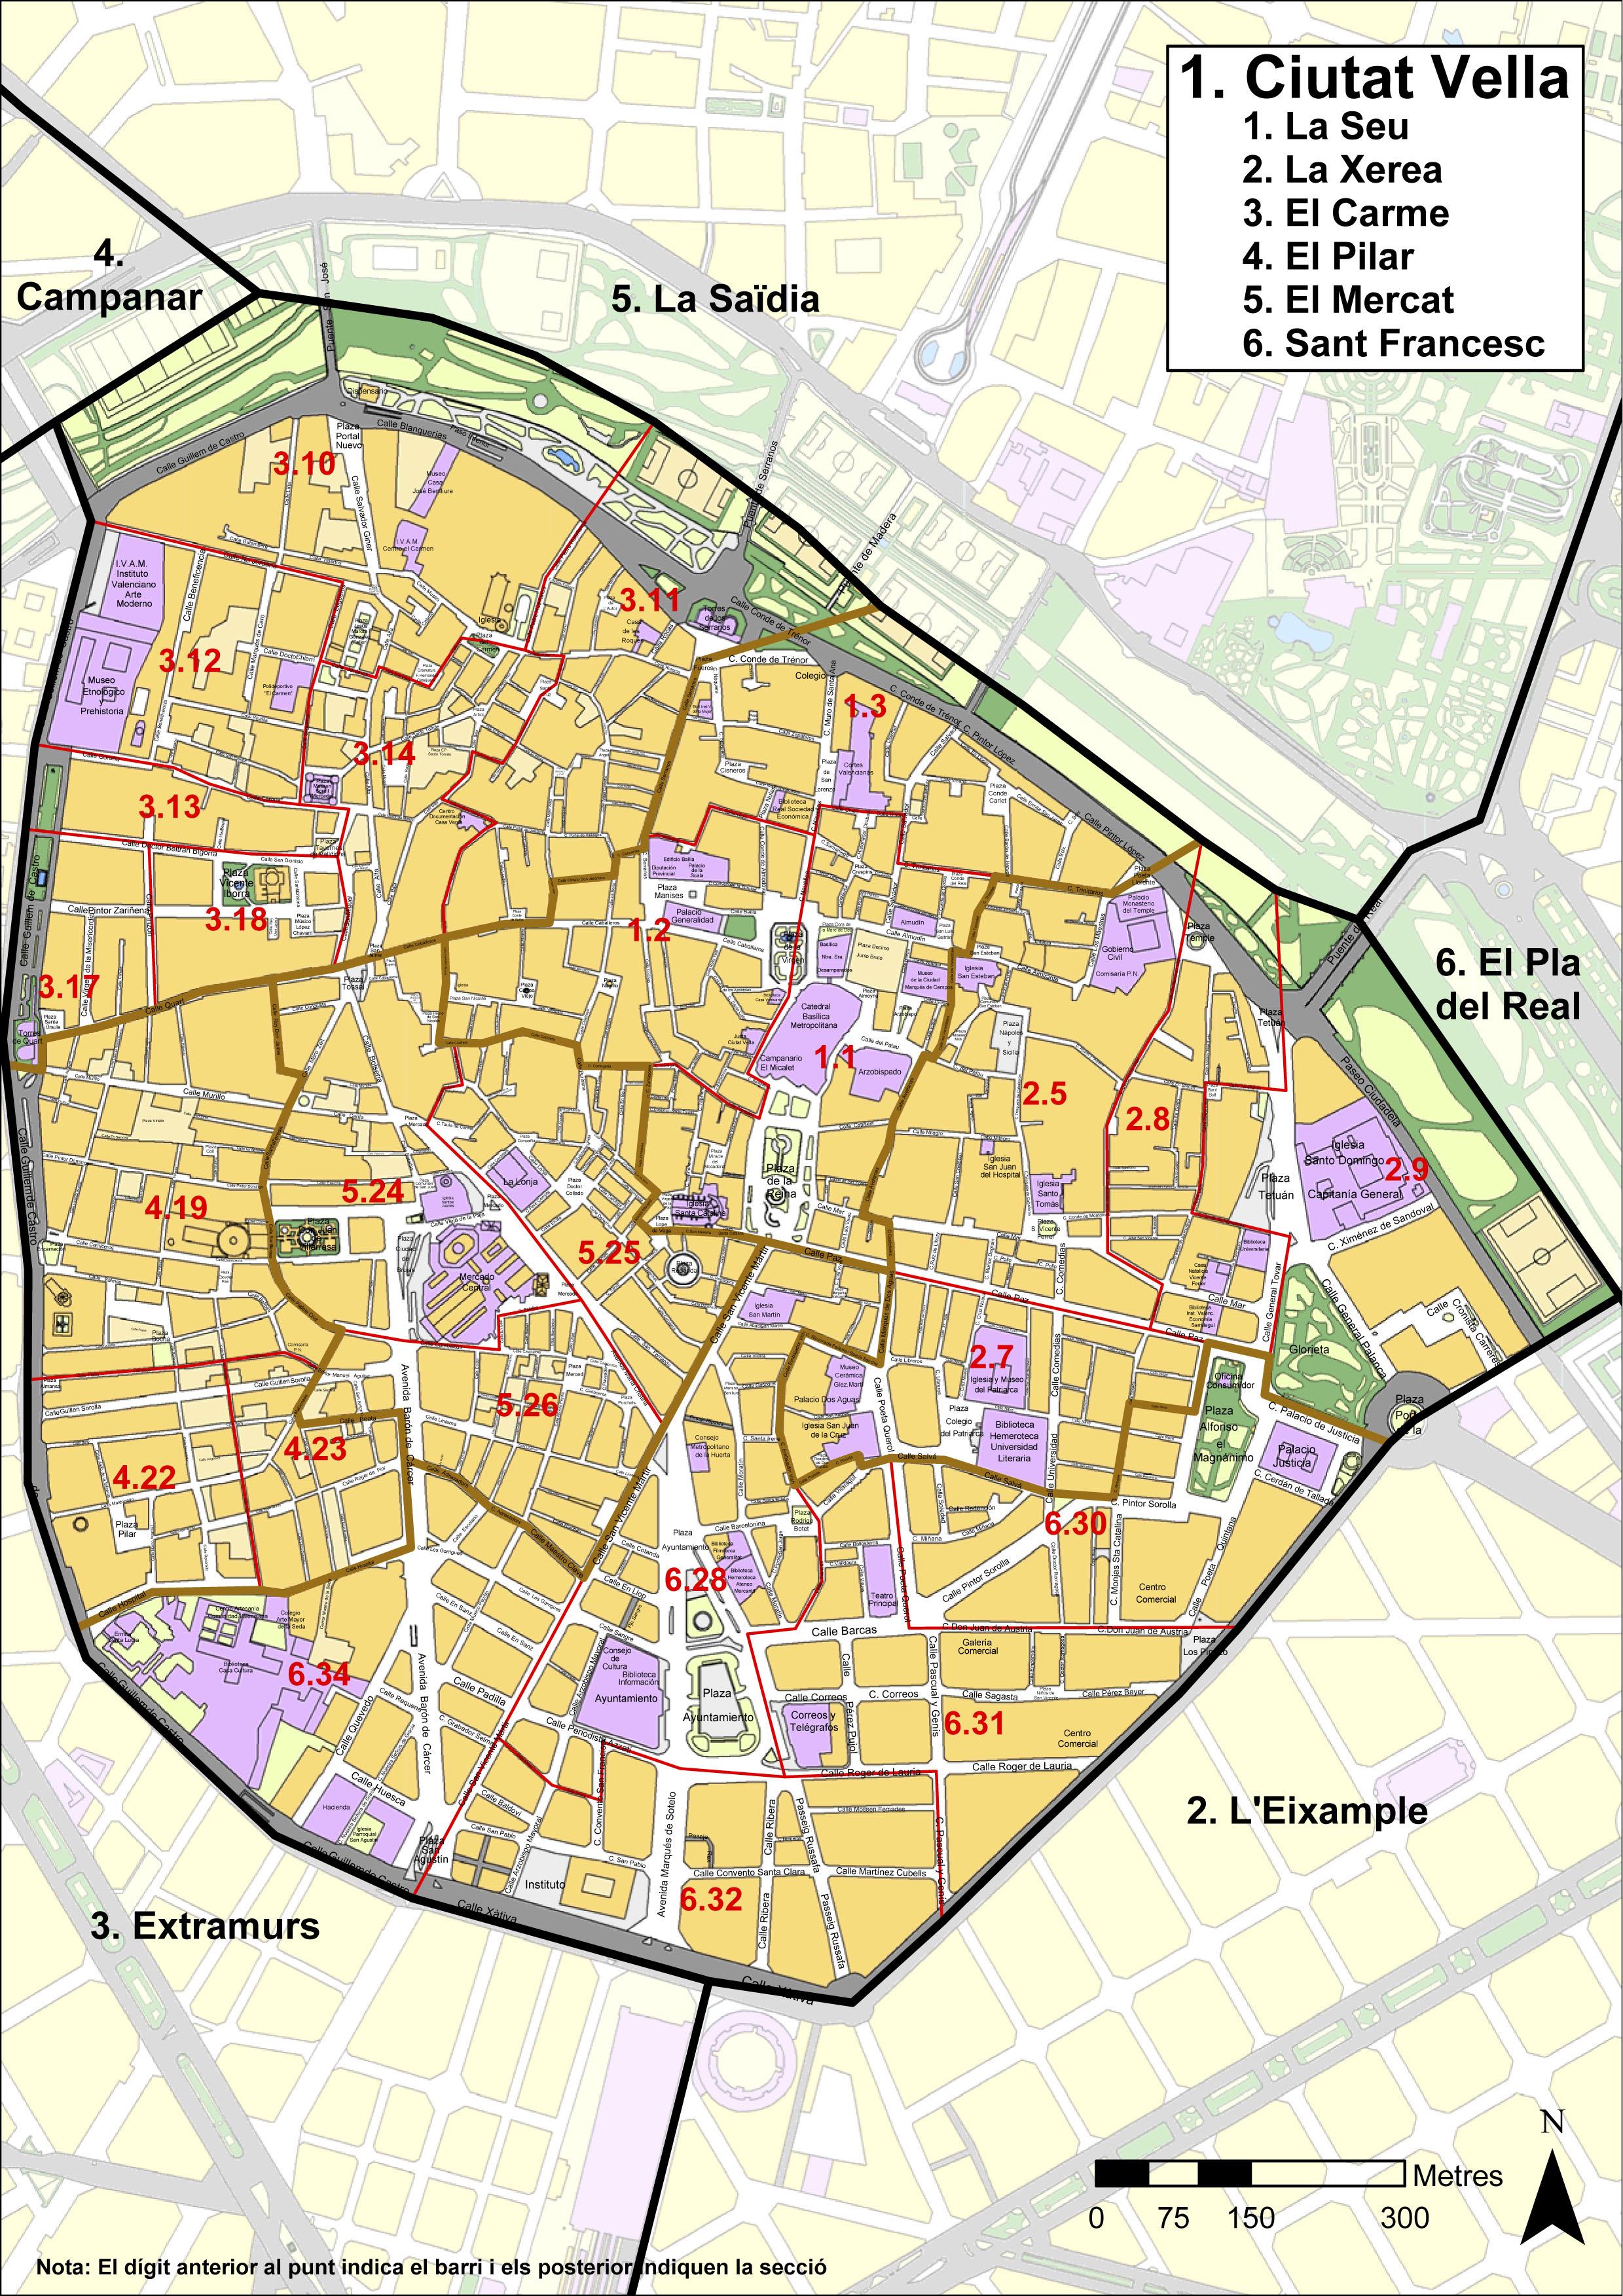 Distrito de Ciutat Vella, Valencia